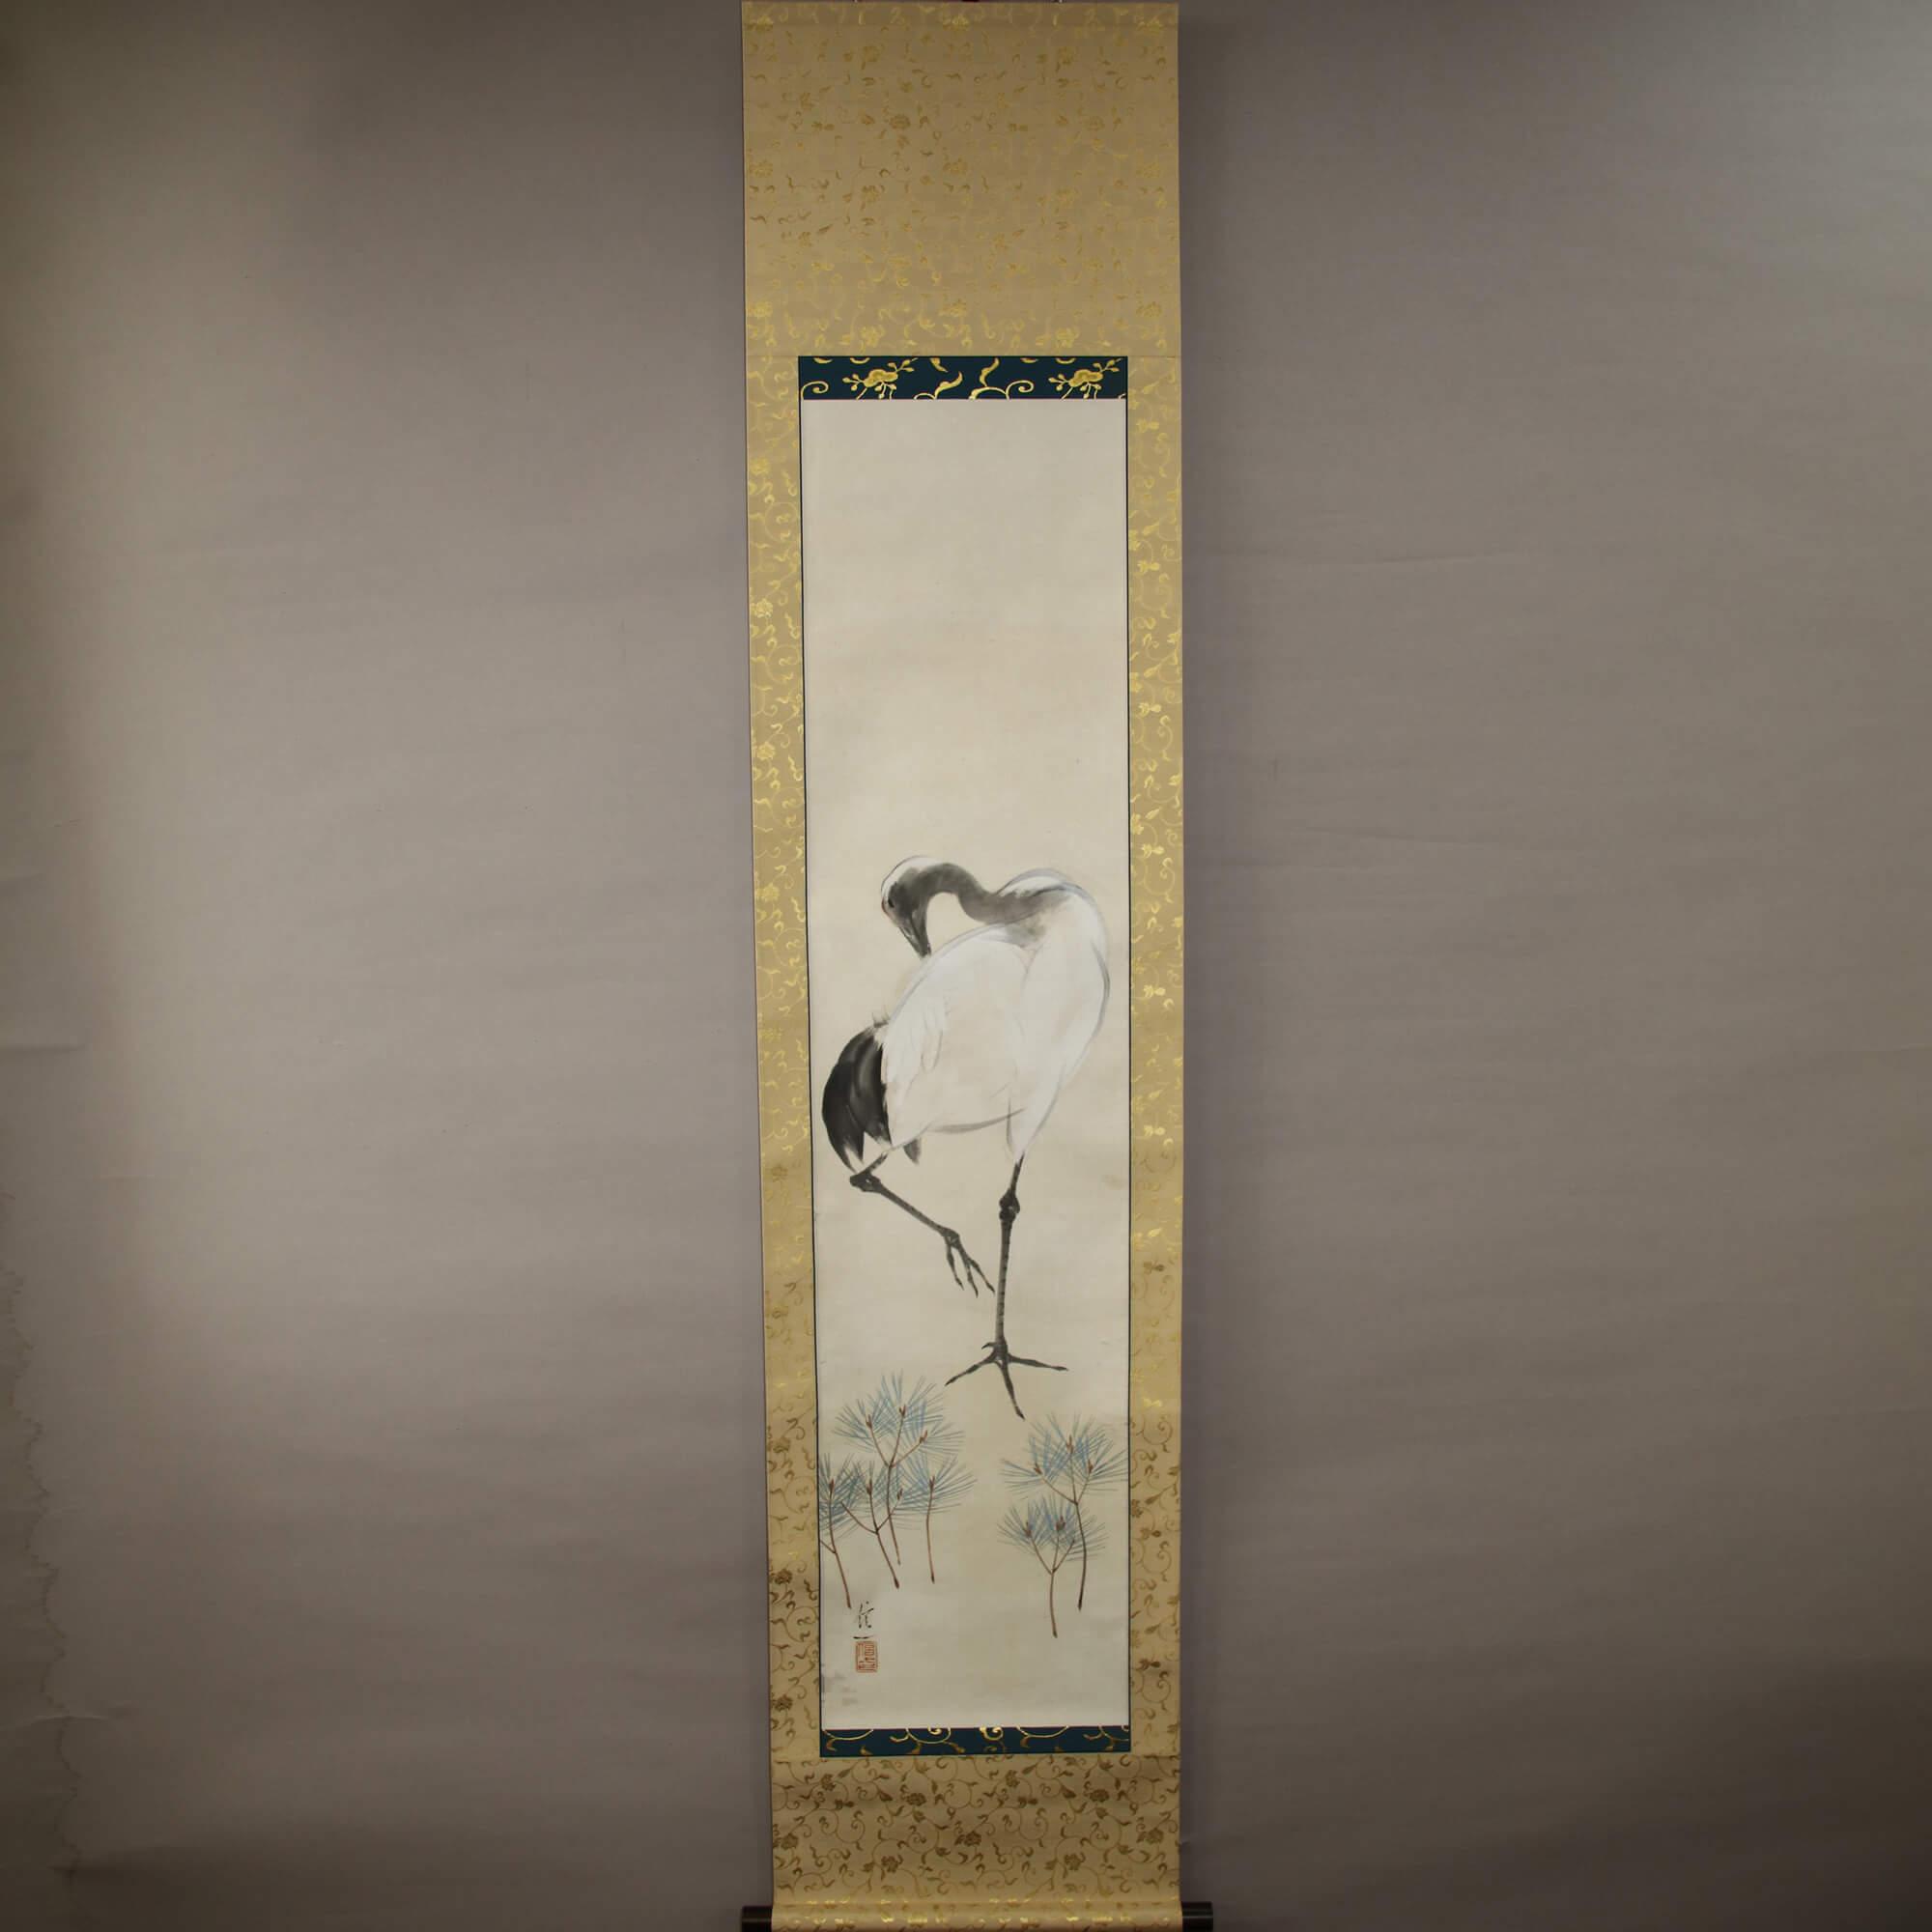 Crane in Pines / Yamanouchi Shin-ichi